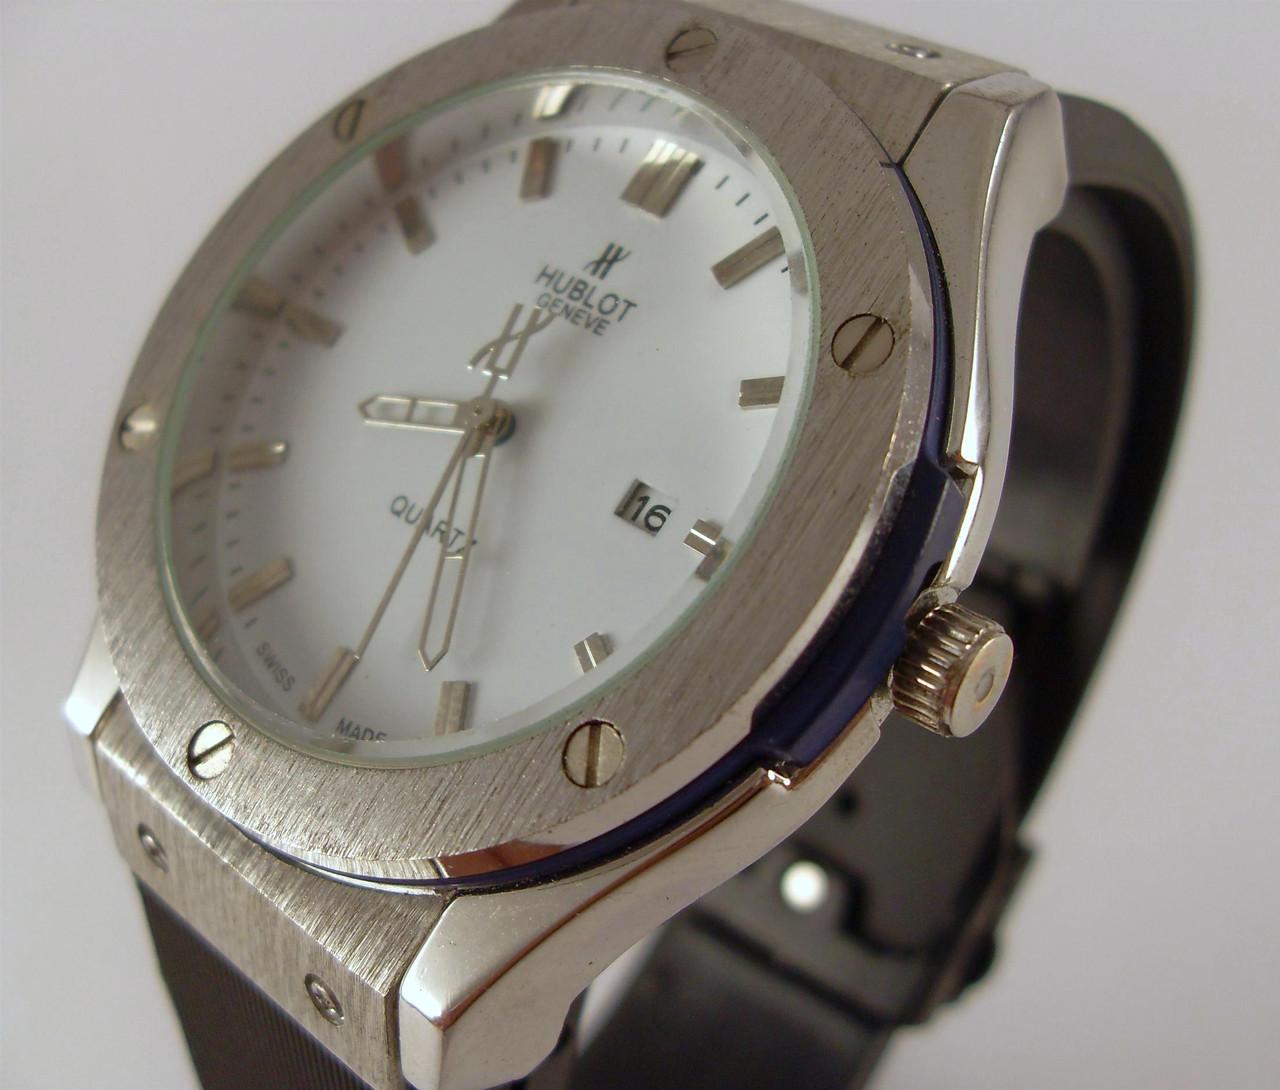 f4dee7ad59ea Мужские наручные часы Hublot Geneve 012864 черные с серебром белый  циферблат копия